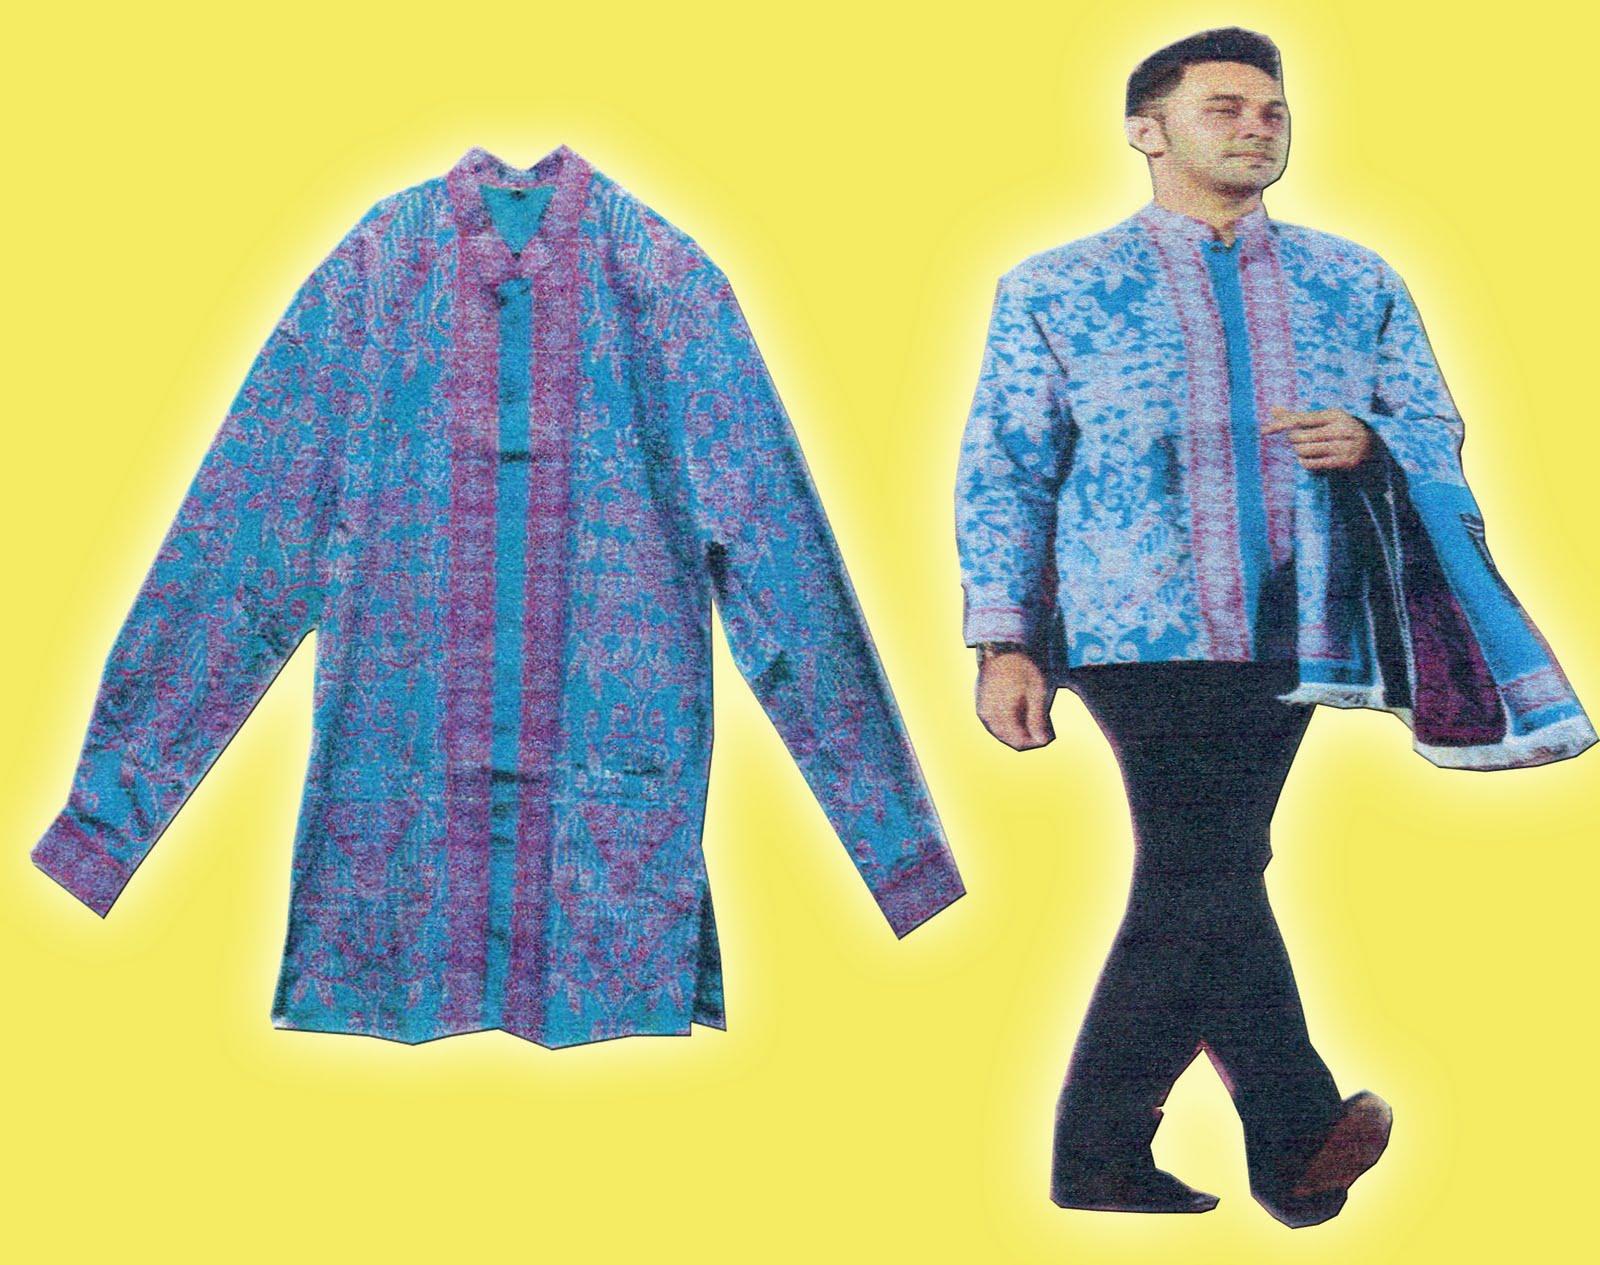 HumasLebong (13/4) - Berikut contoh Busana batik jamaah Haji Indonesia